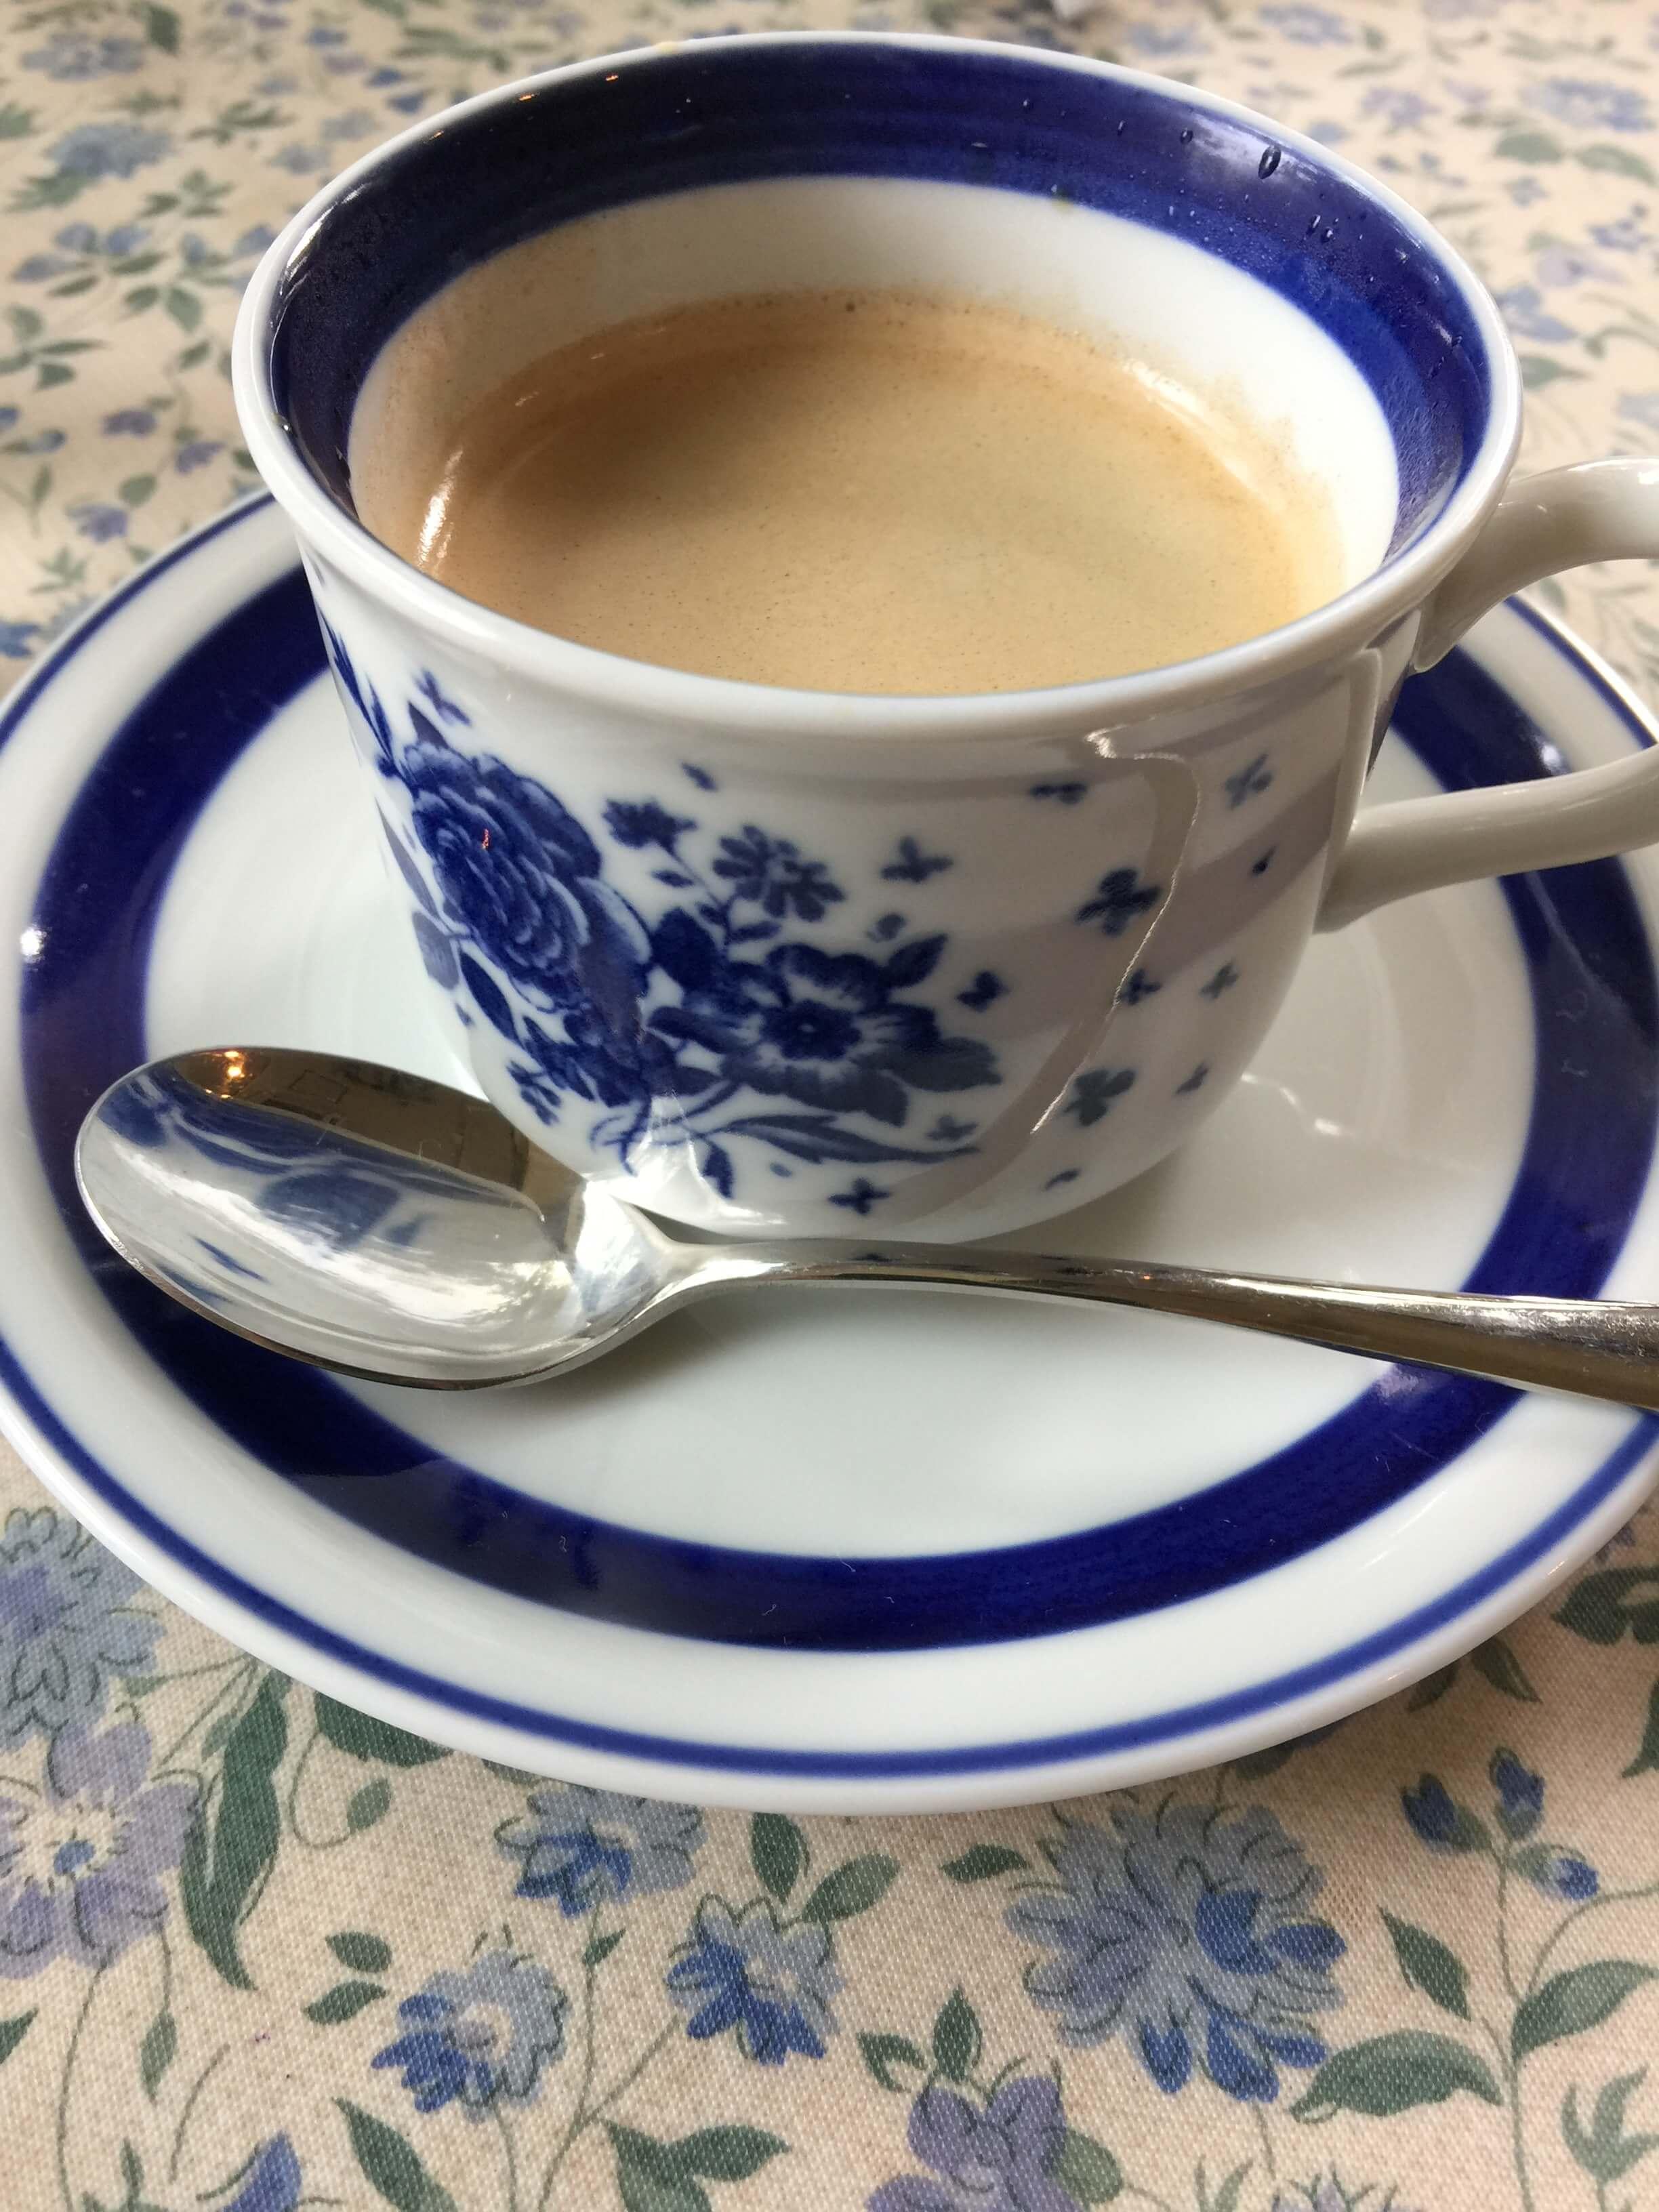 大月駅そばのカフェで飲んだコーヒー